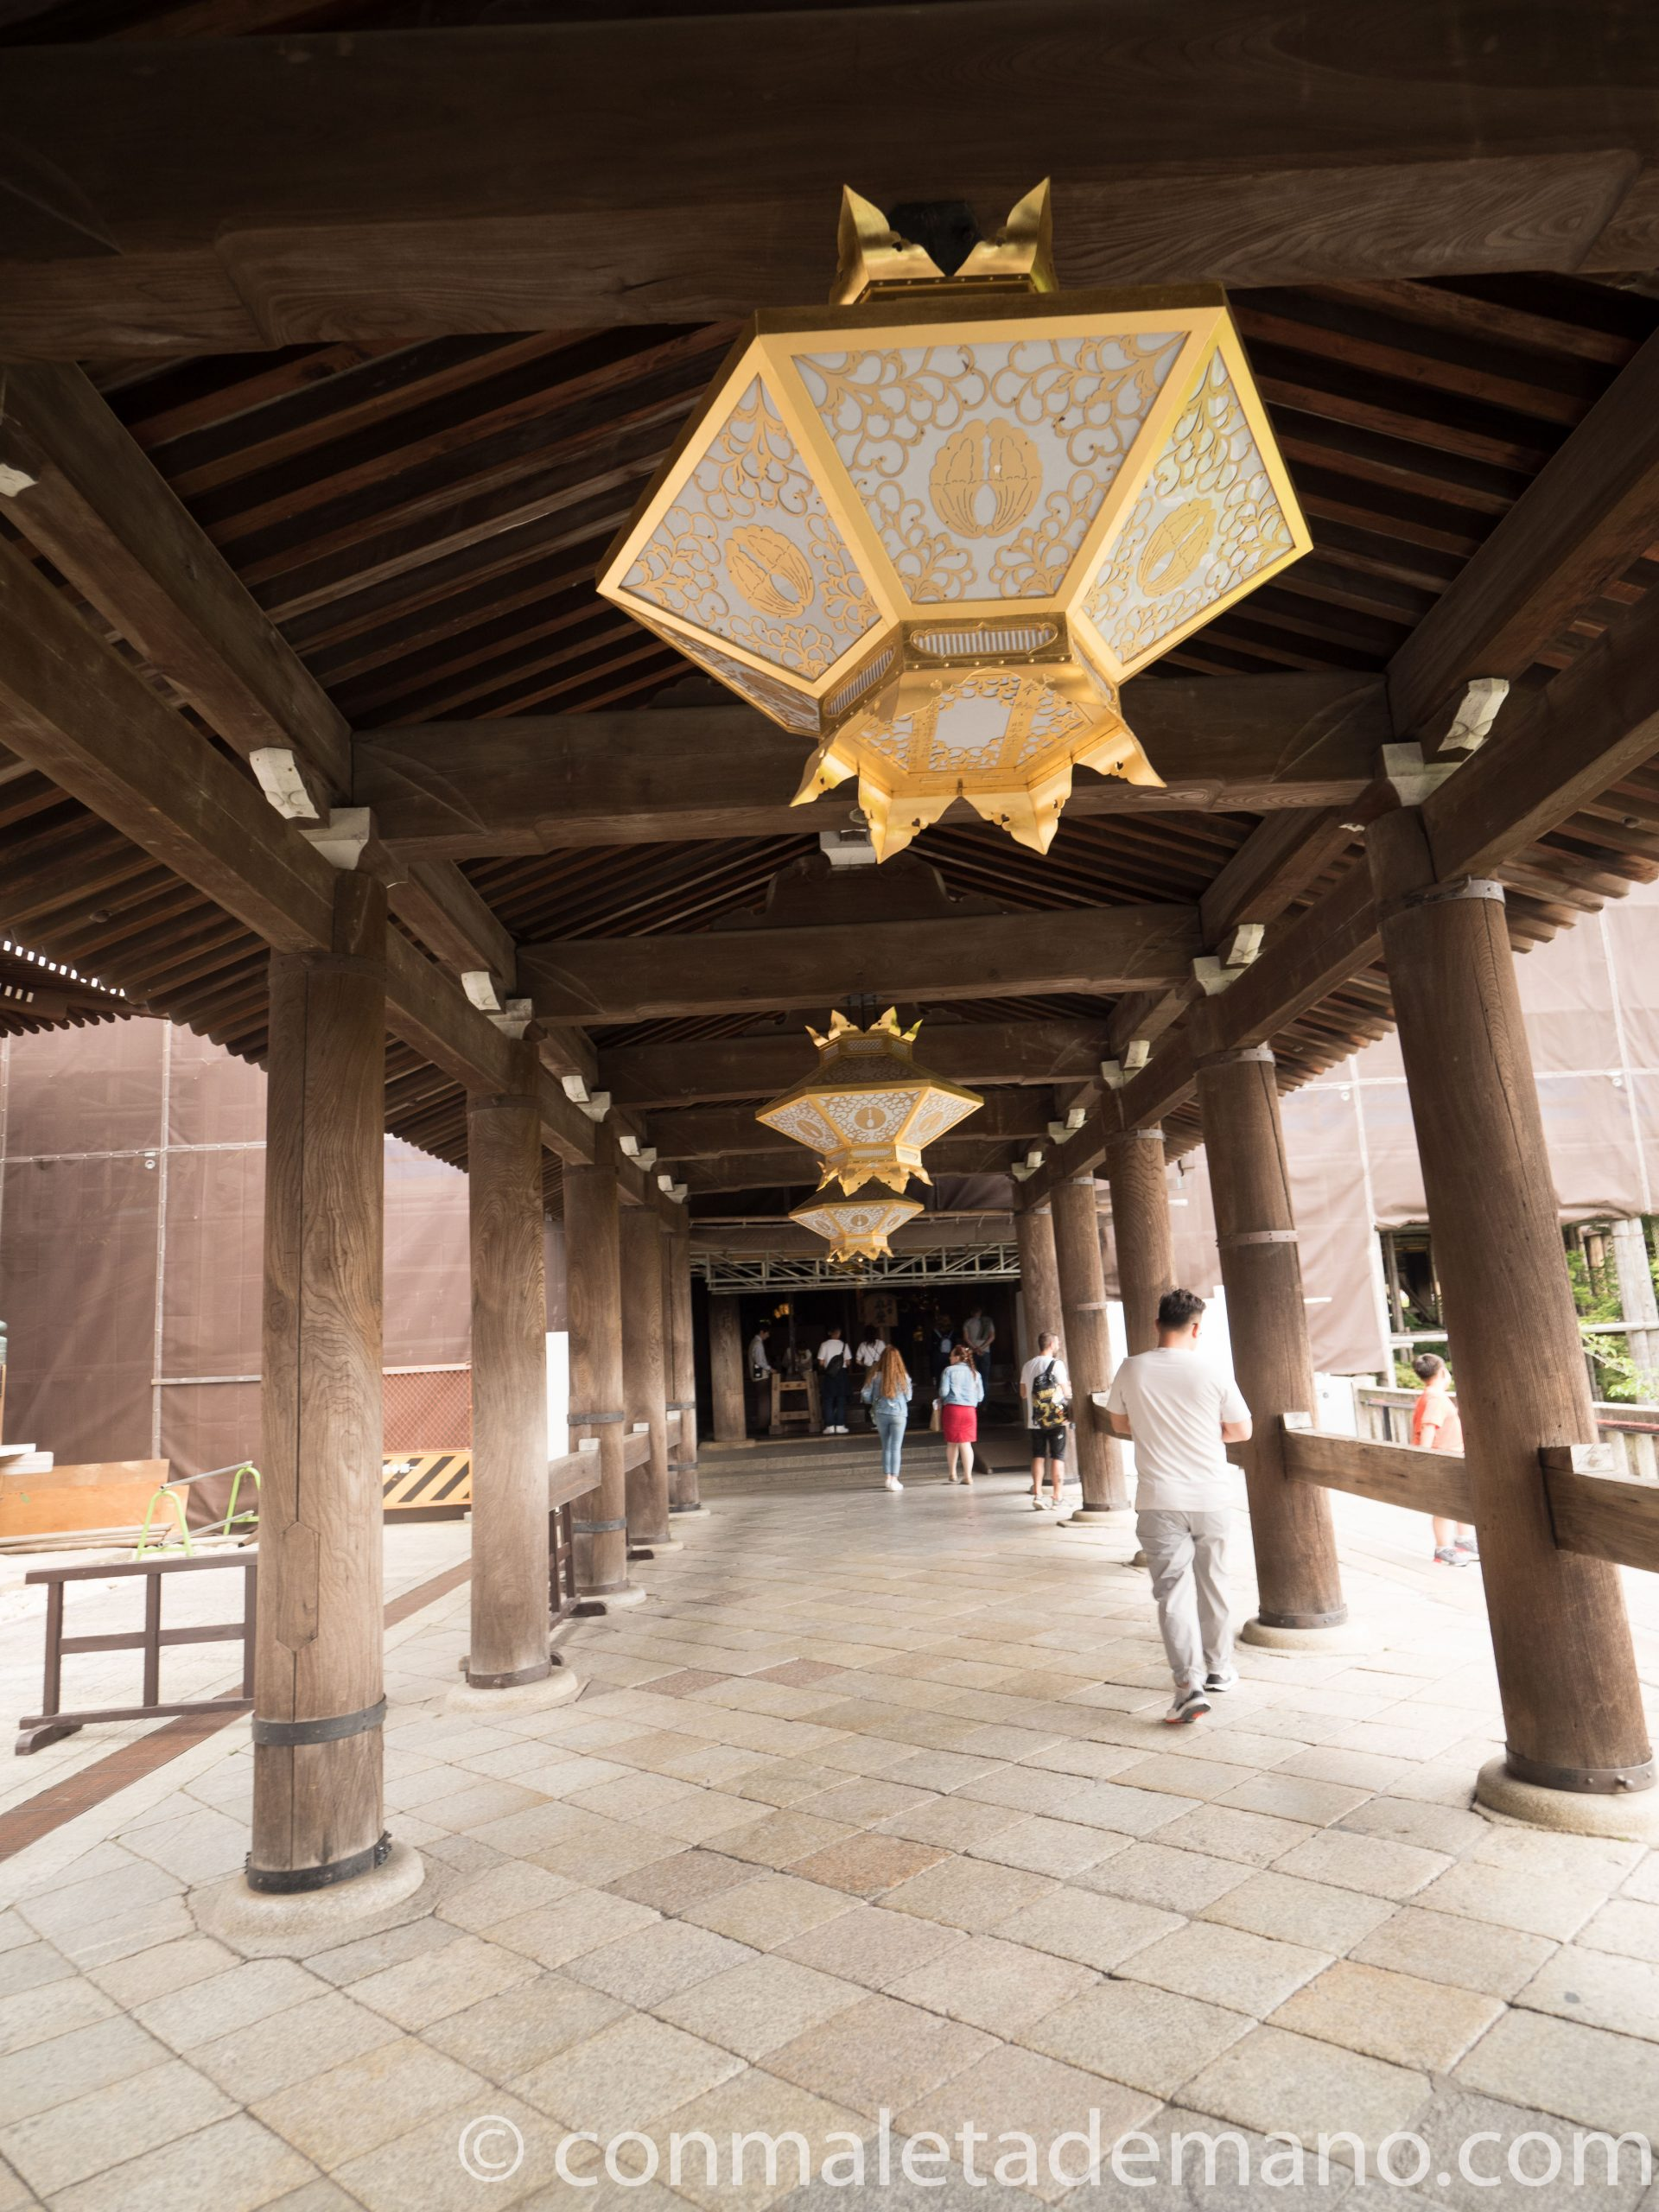 Farolillos en el edificio principal del Kiyomizudera